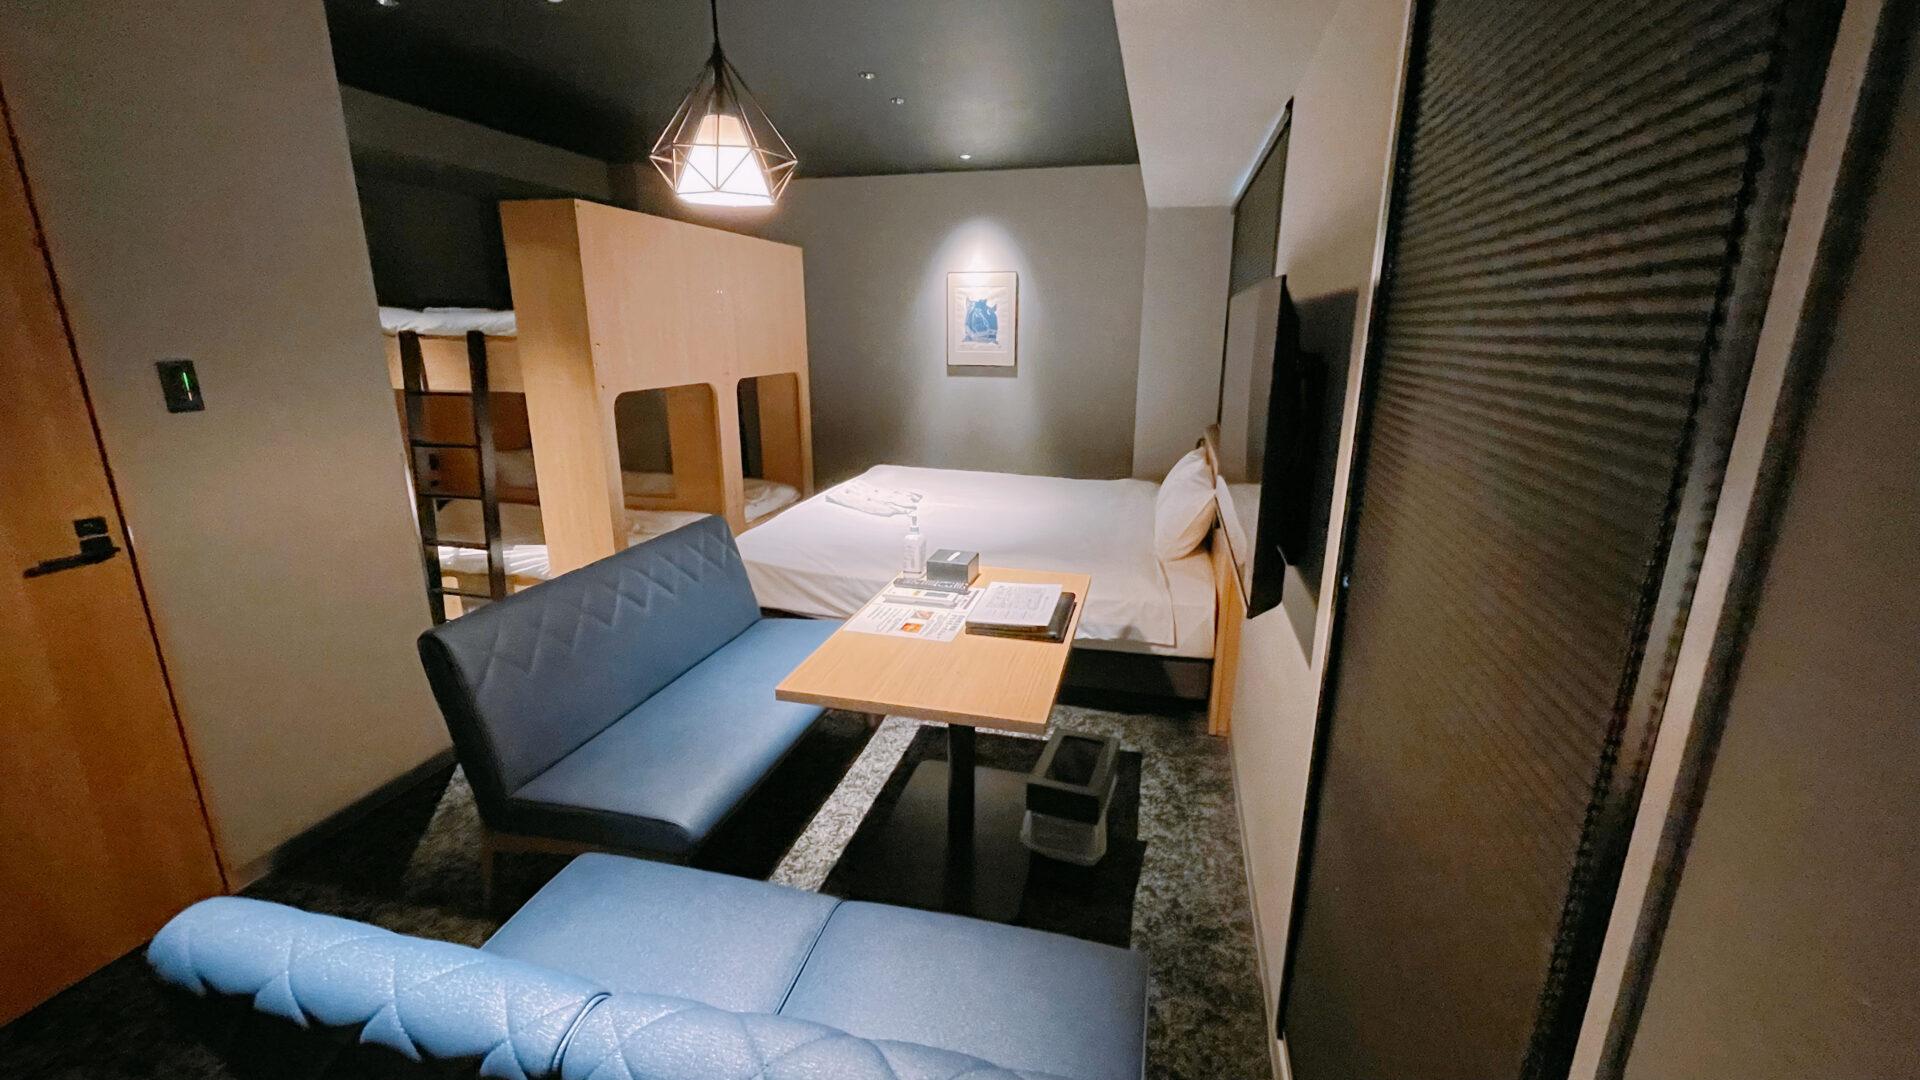 ALPHABED INN札幌大通公園 客室全体